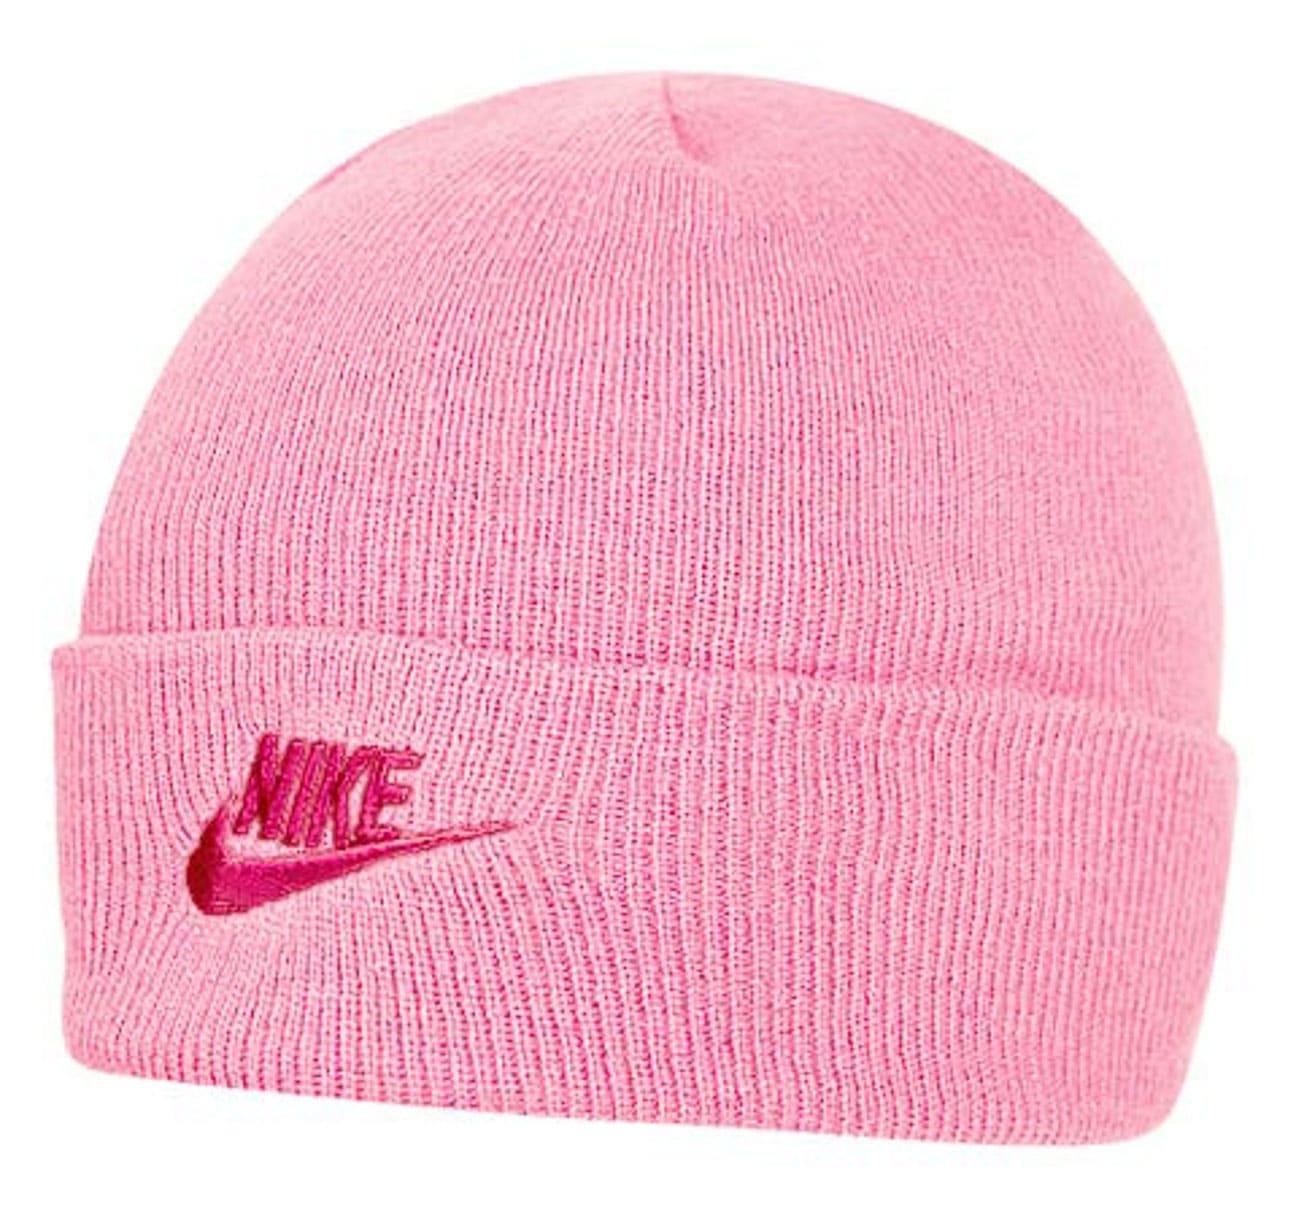 Bonnet pour Enfant by Nike, EUR 9,95 --  Chapeaux, casquettes et ... 2b1175a863e